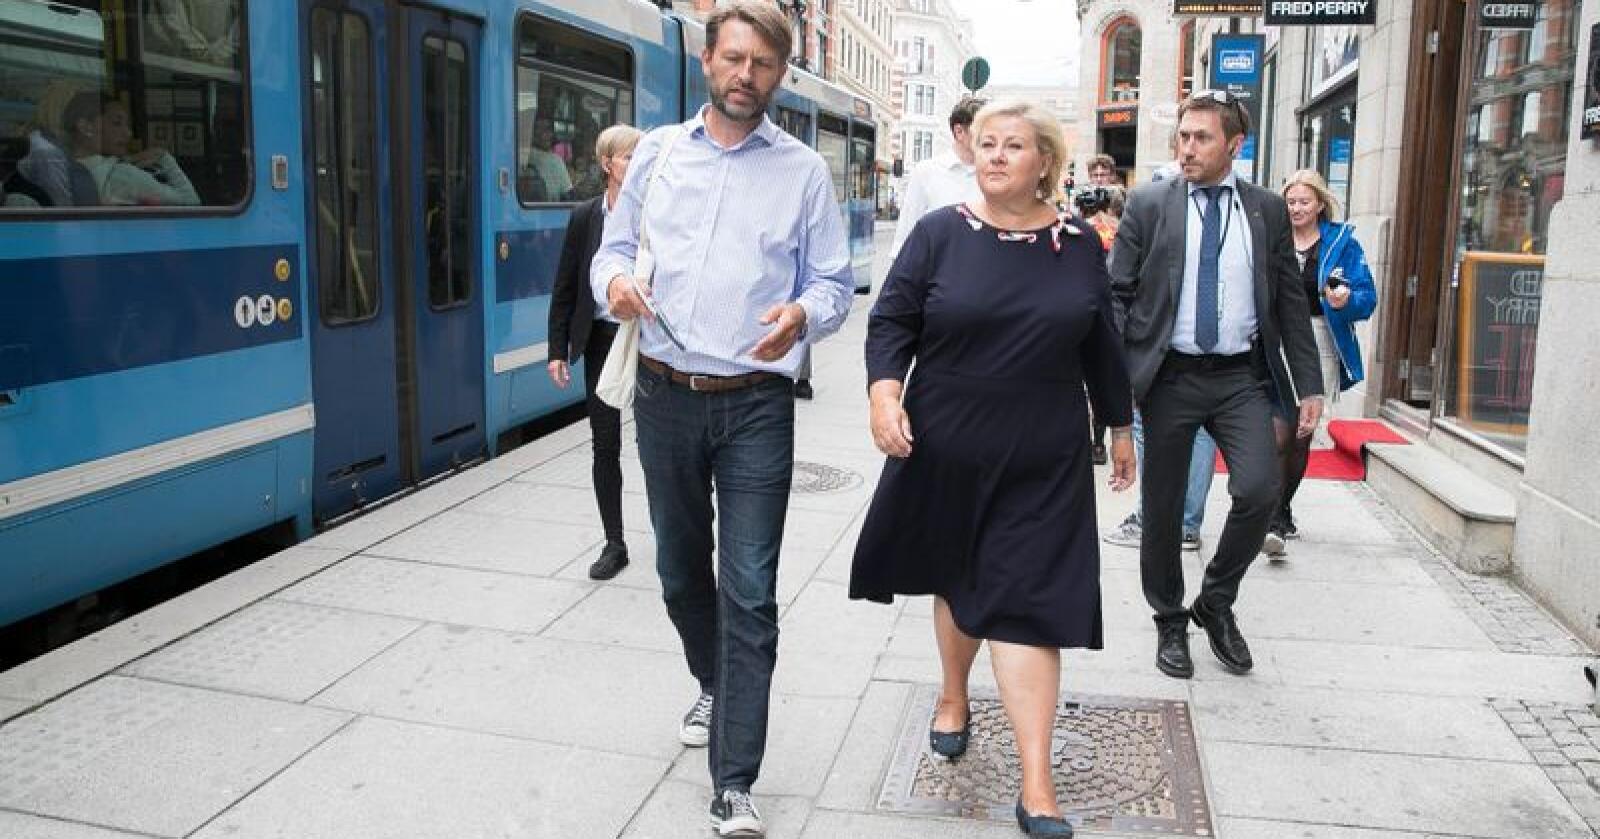 Statsminister Erna Solberg spaserer i Oslos gater sammen byrådslederkandidat Eirik Lae Solberg. Under hennes regjeringstid har kommunenes sparepenger økt kraftig, men pengene er skjevt fordelt, og Oslo har like mye som 242 kommuner til sammen. Foto: Terje Pedersen / NTB scanpix